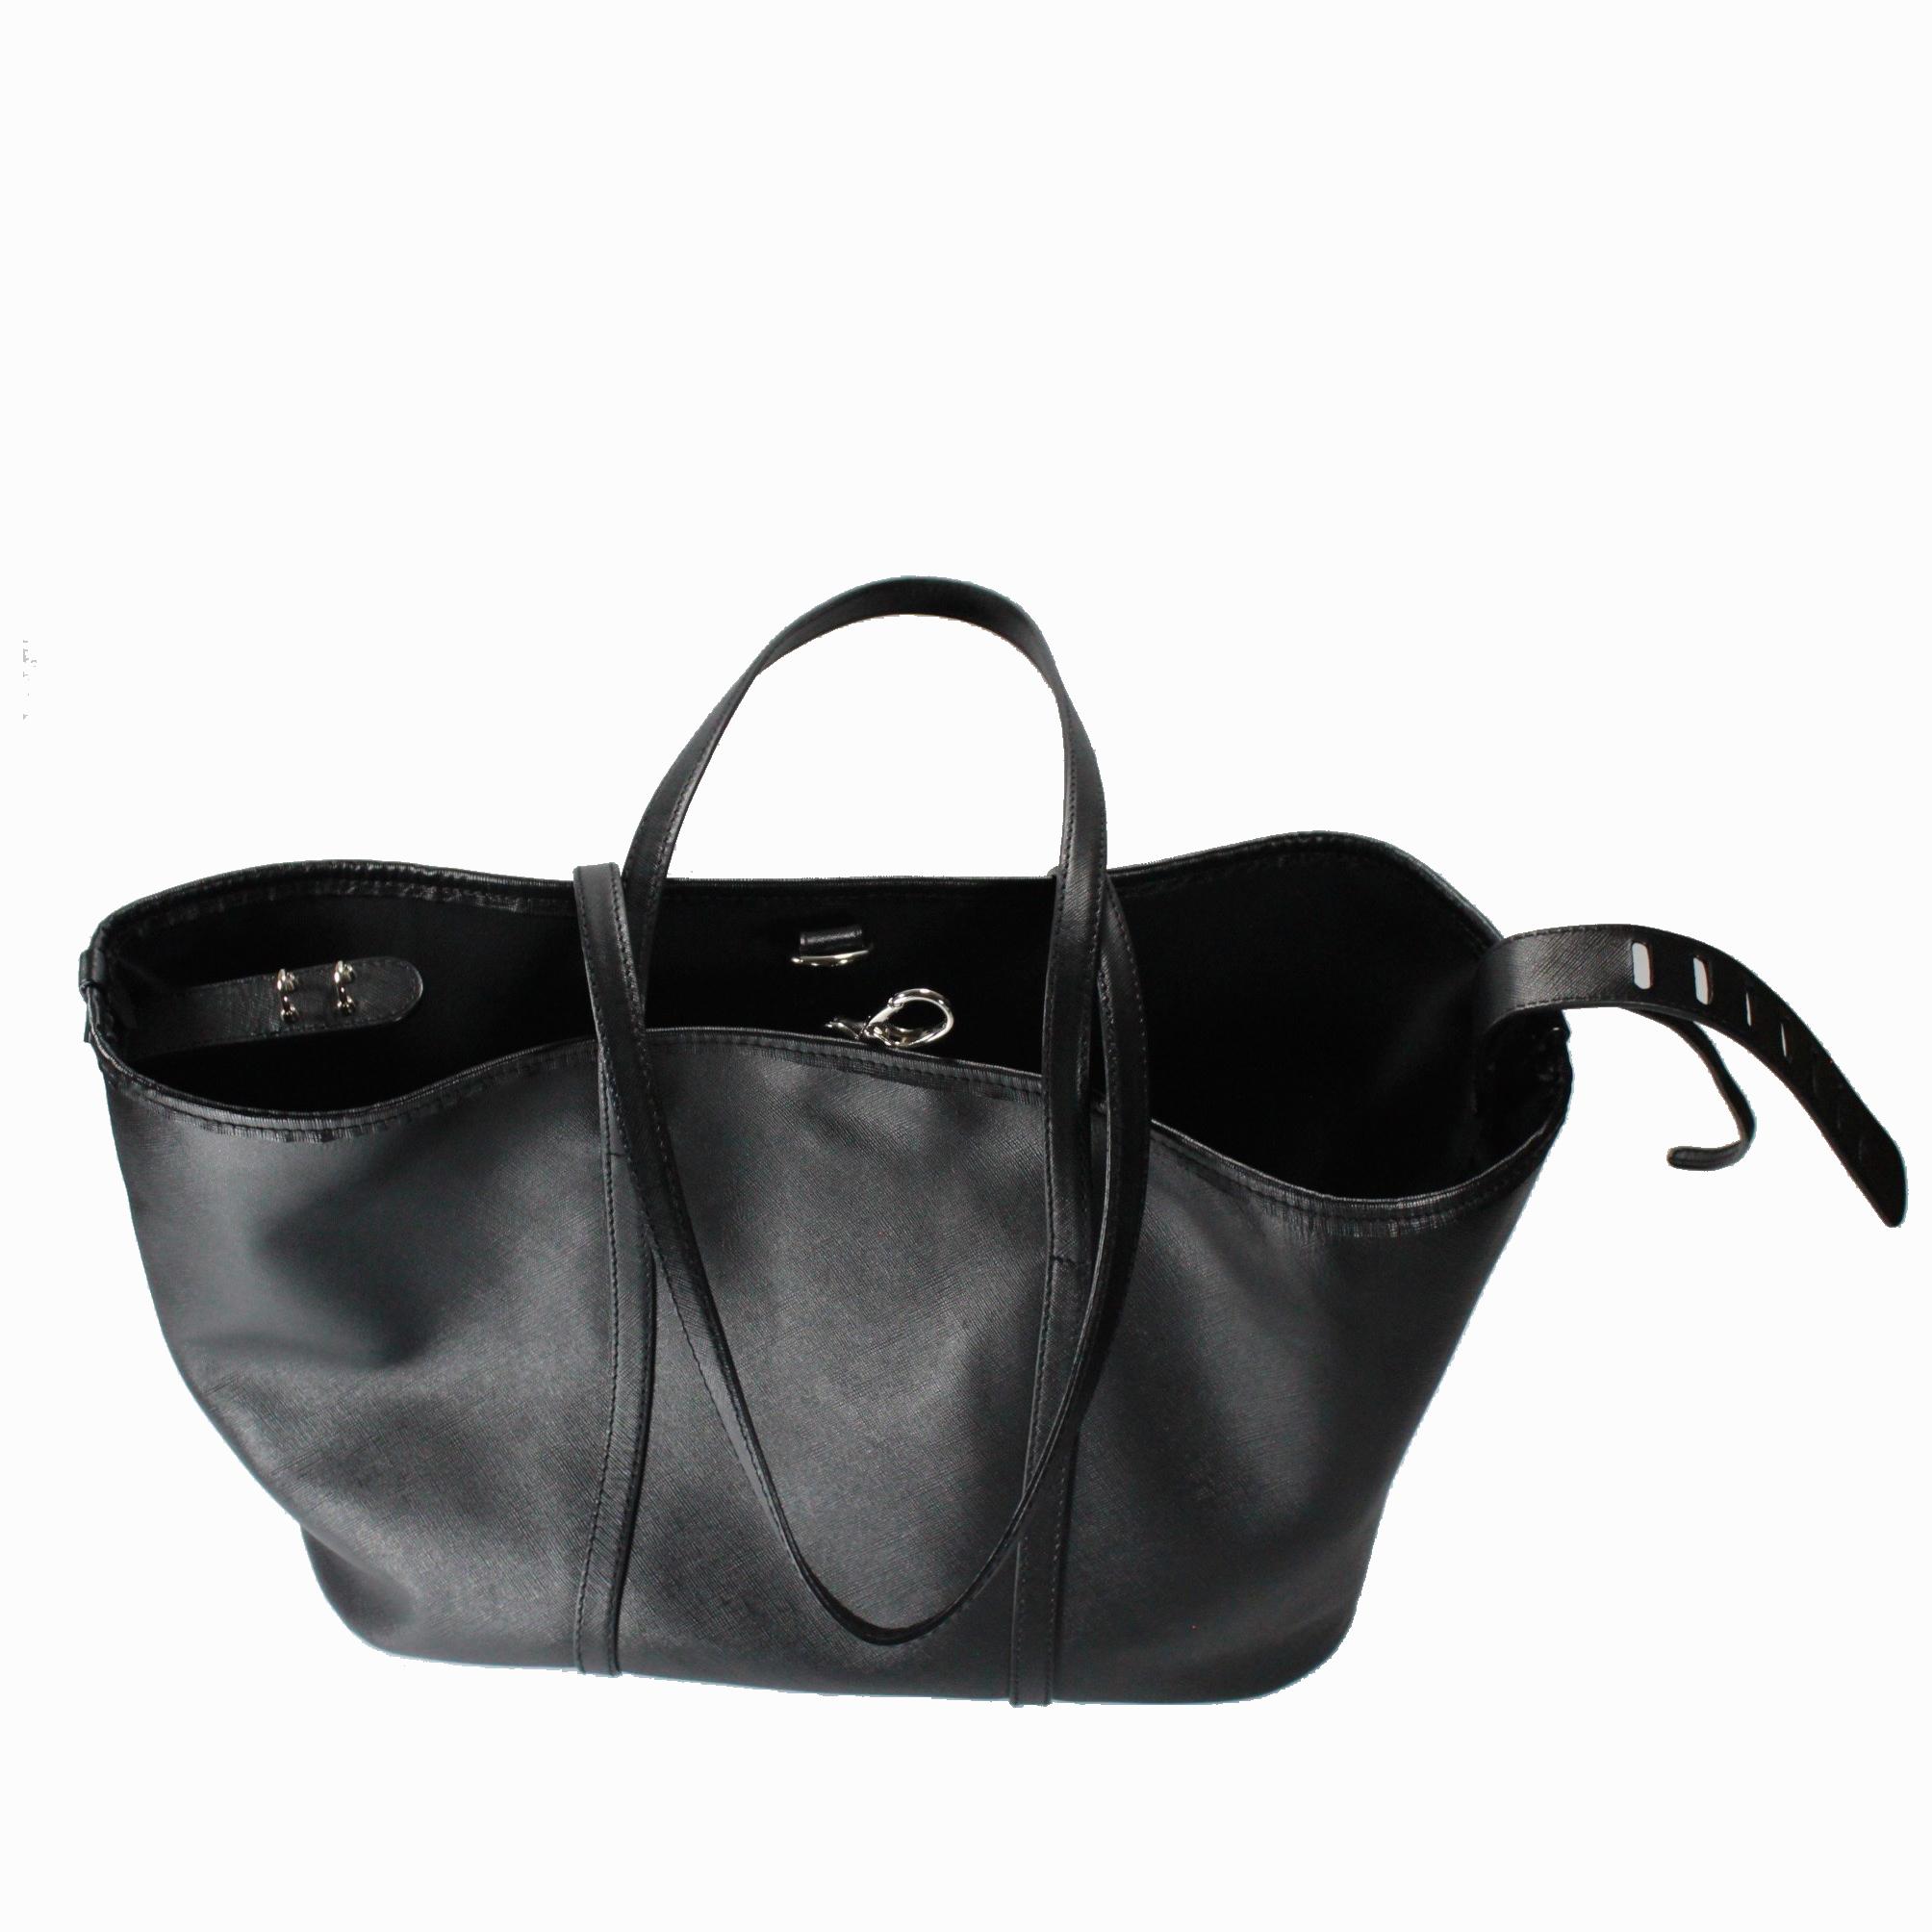 final hand bag.jpg